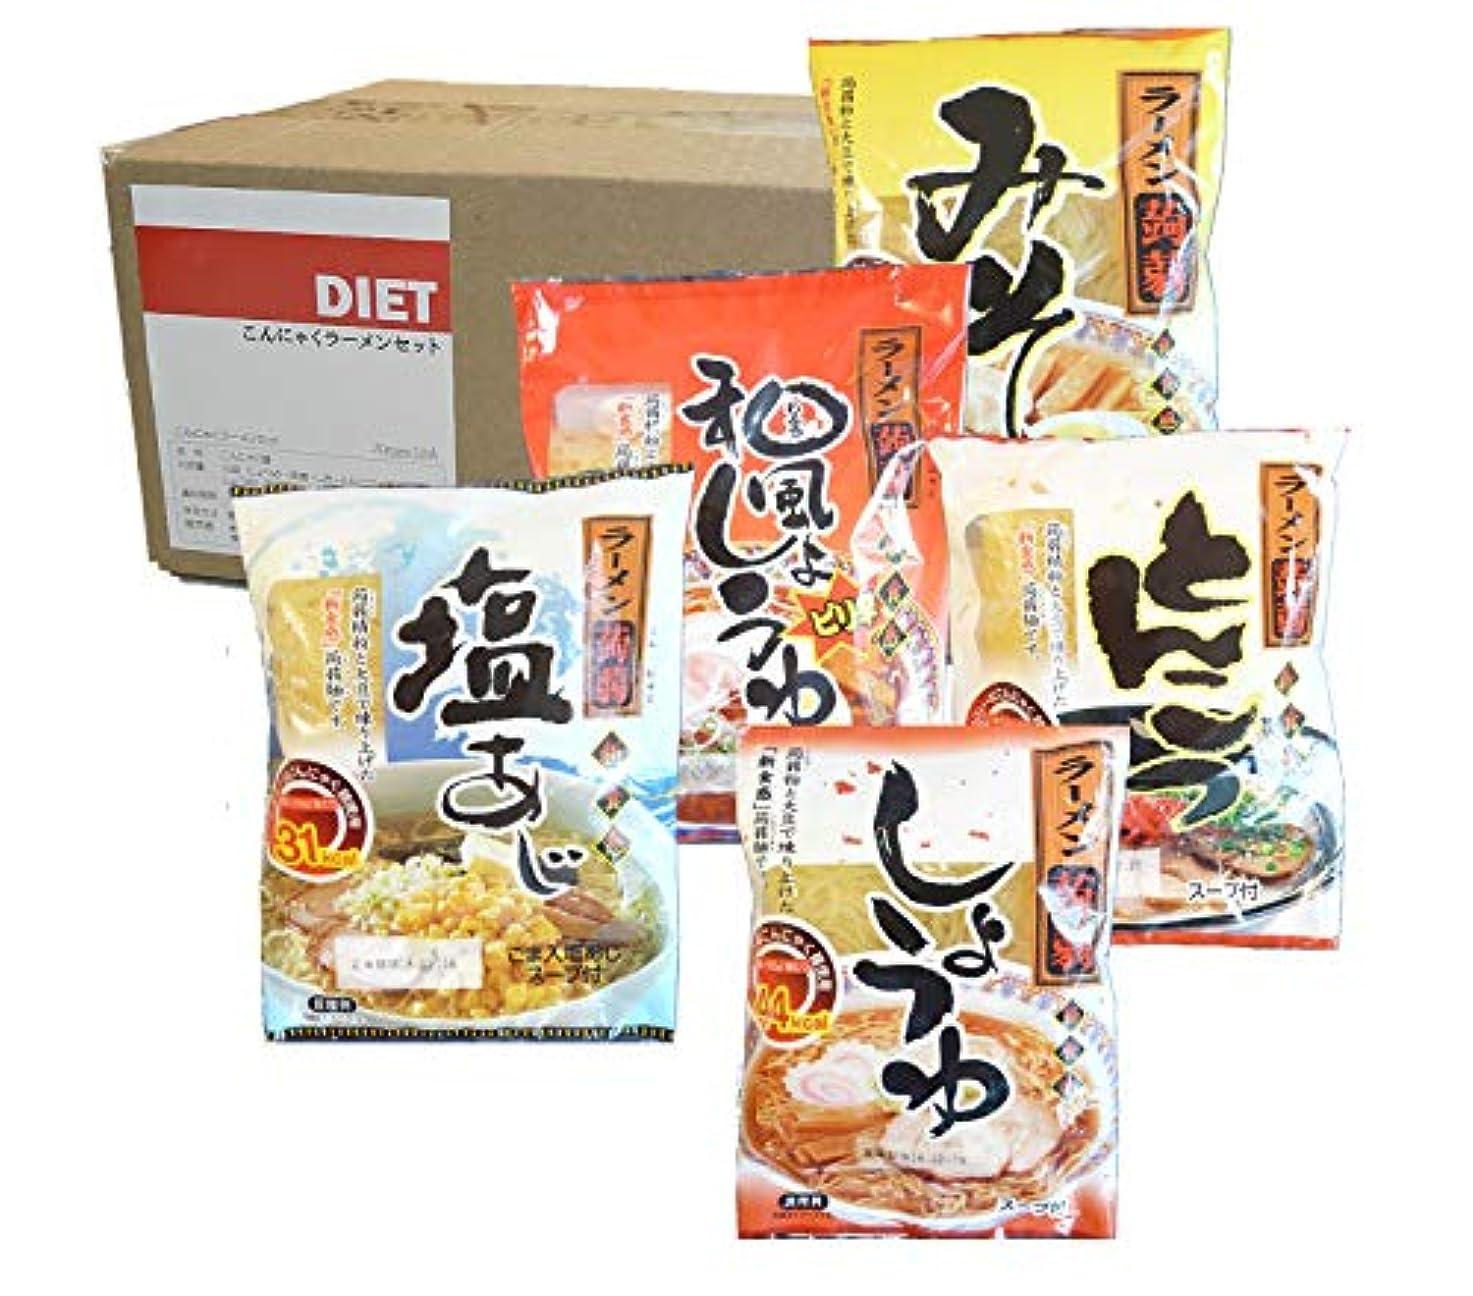 (ネイチャーリンク)ダイエット こんにゃく ラーメン こんにゃく麺 コンニャクラーメン セット 専用箱でお届け (みそ?しょうゆ?しお?和風しょうゆ?とんこつ各2食)10食R